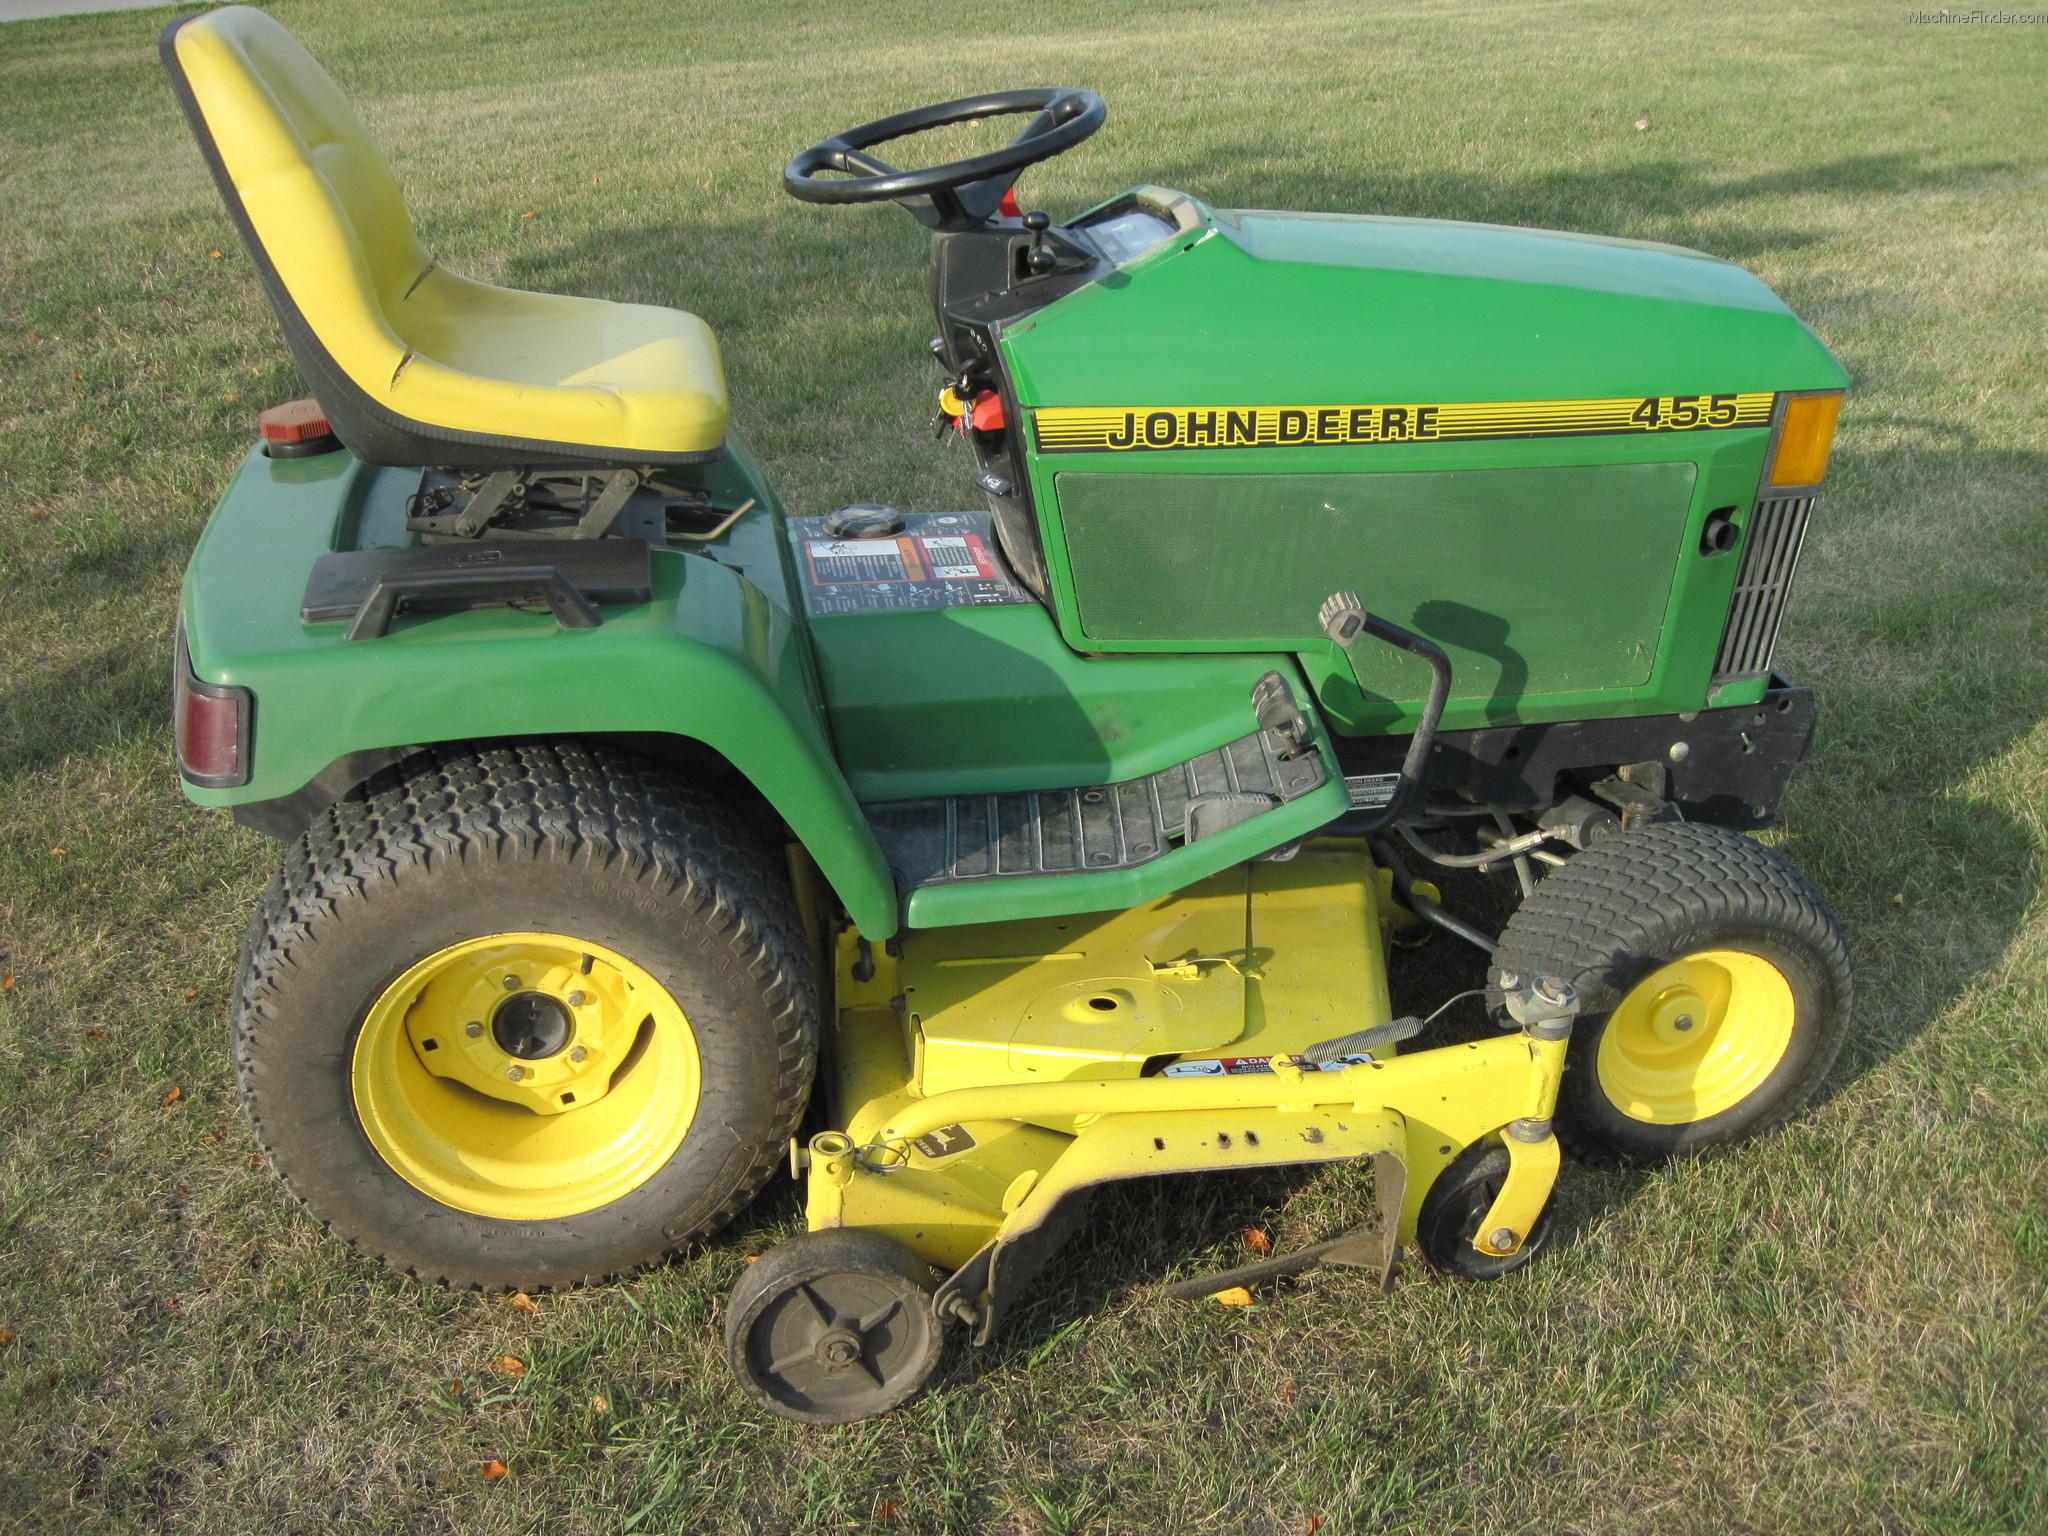 John Deere 455 Mower Parts : Tweet